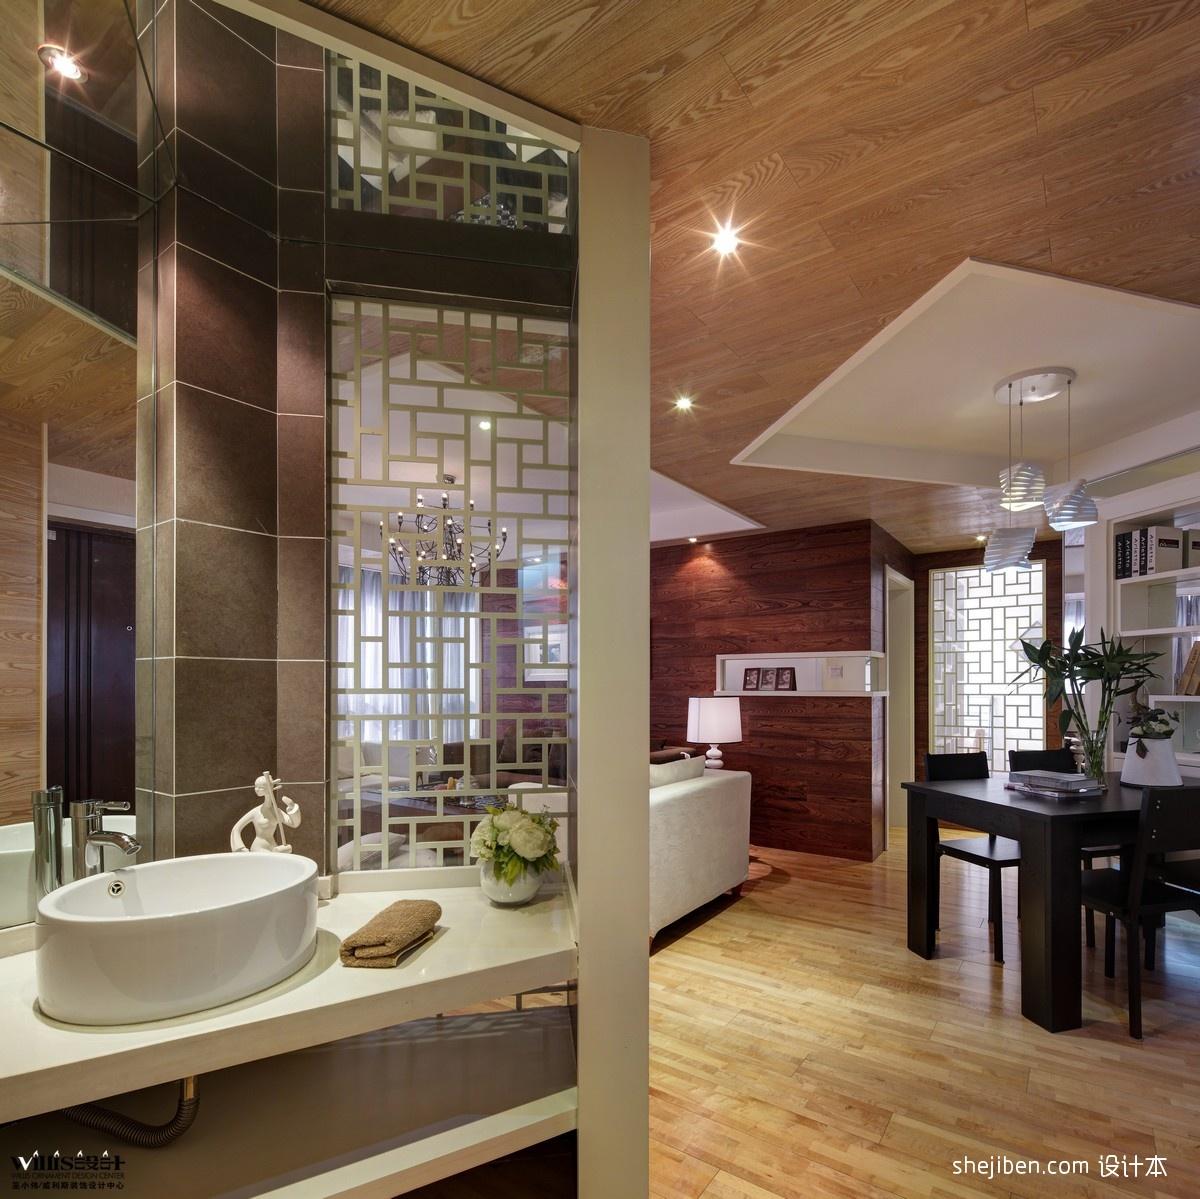 现代风格二室一厅家装卫生间餐厅客厅洗手间一体装修效果图 高清图片